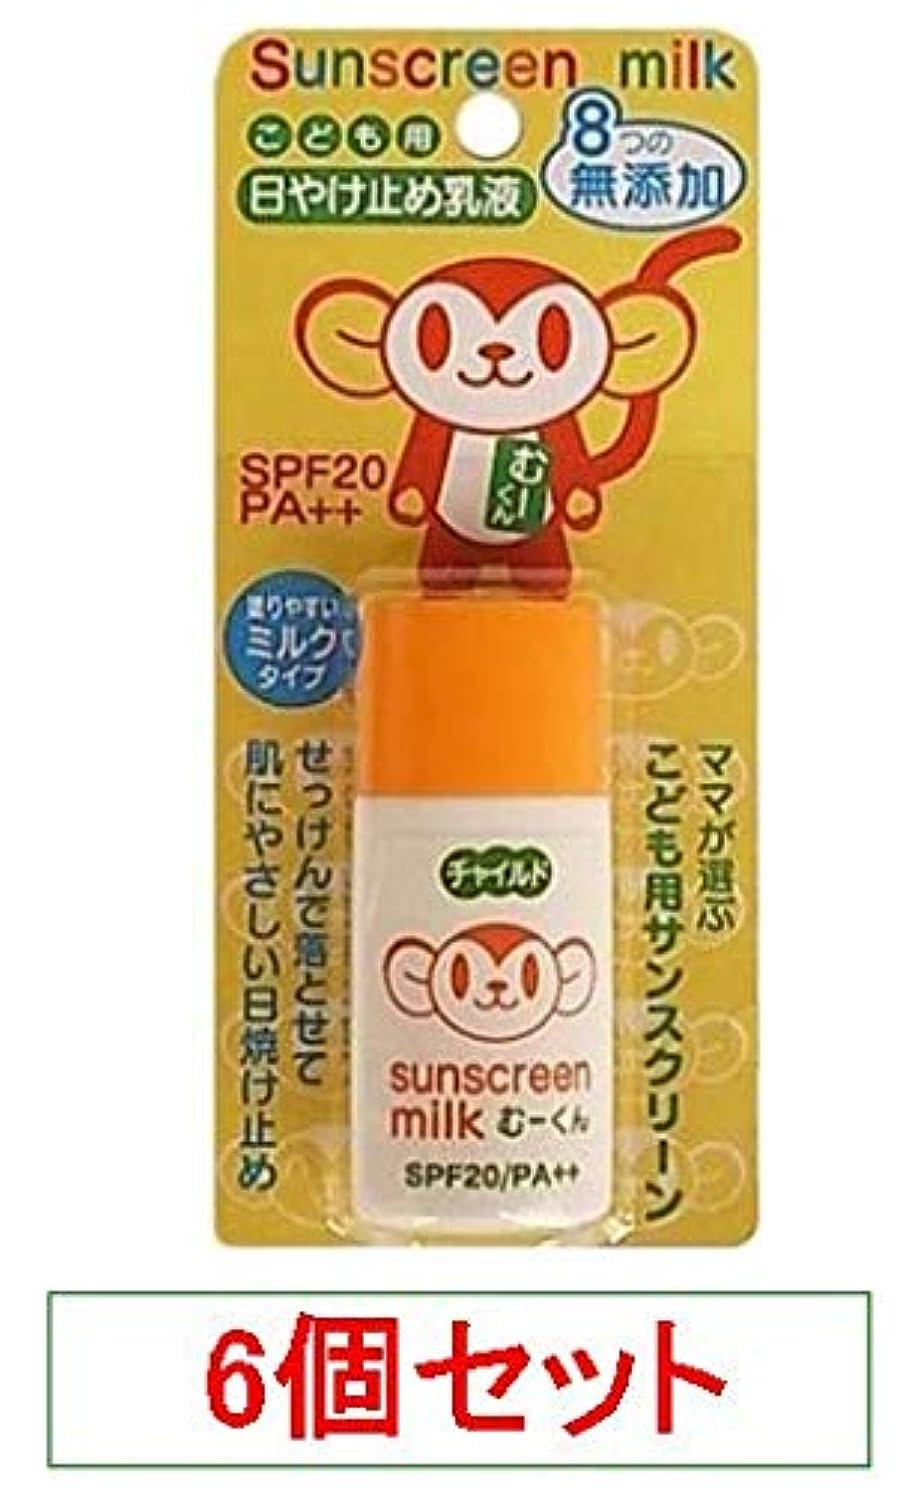 火炎入学する立場ハイム こども用日やけ止め乳液 サンスクリーンミルク SPF20 PA++ 25ml X6個セット